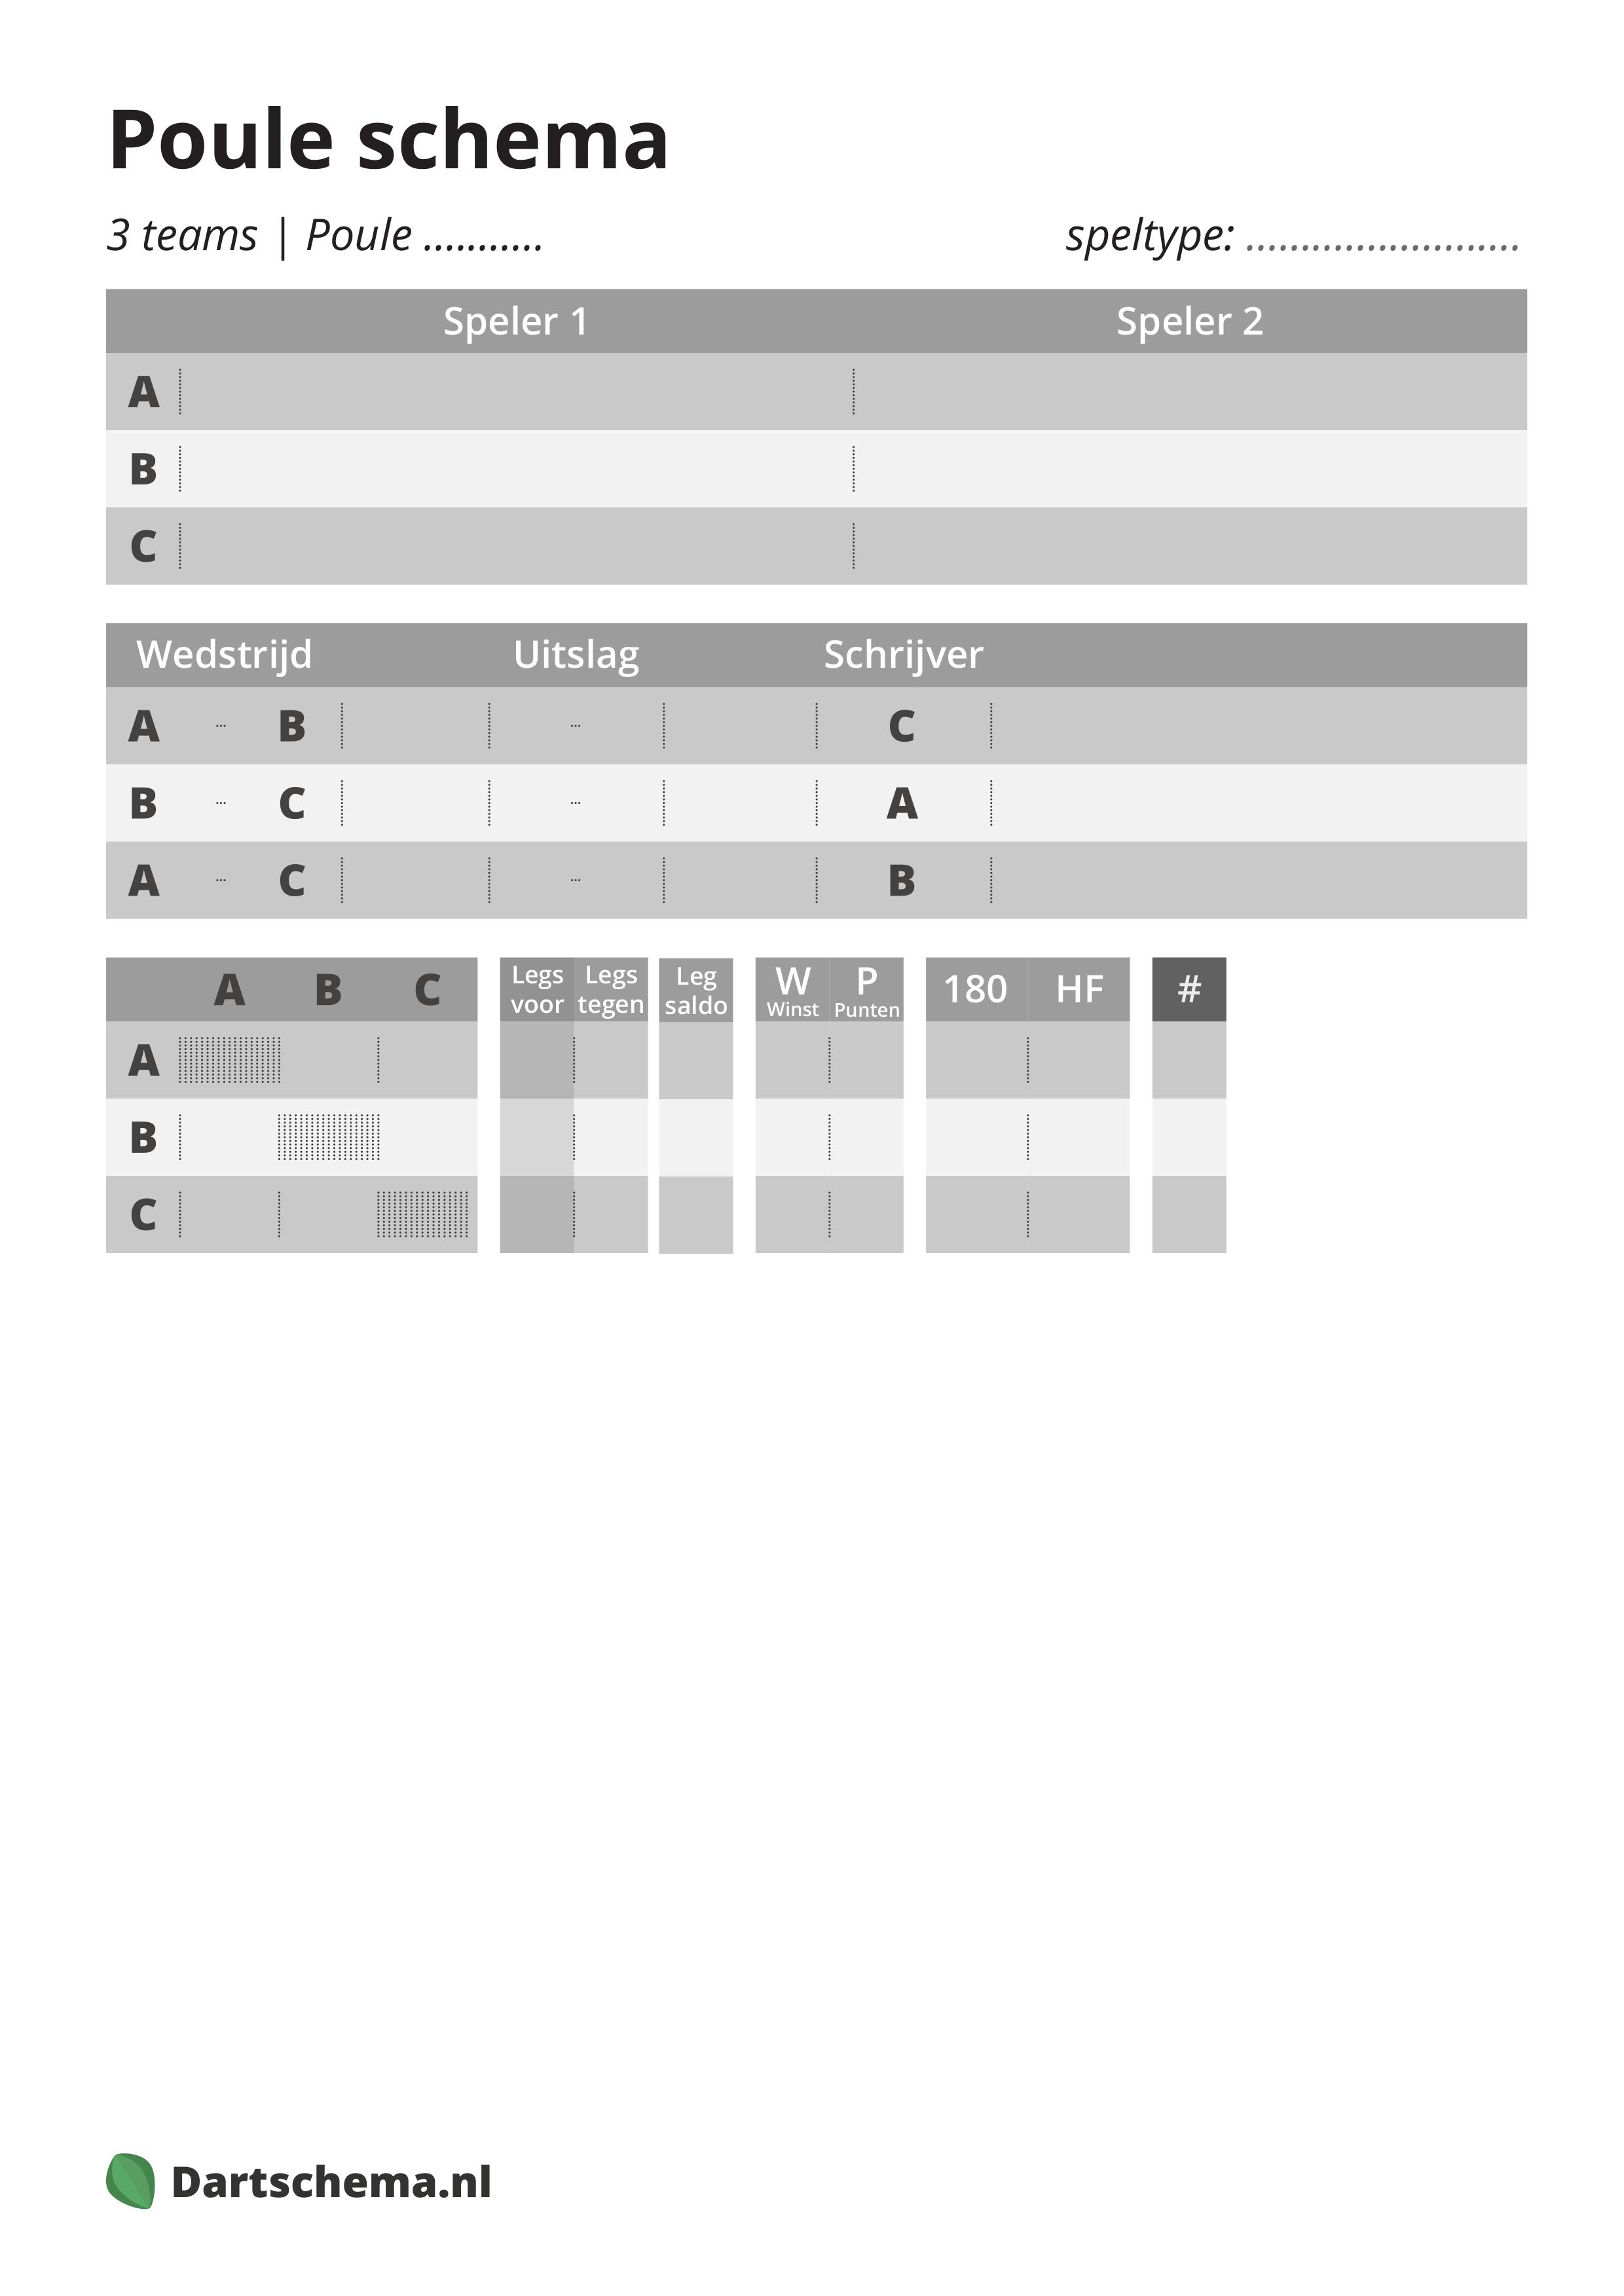 Poule schema 3 spelers | Dartschema.nl